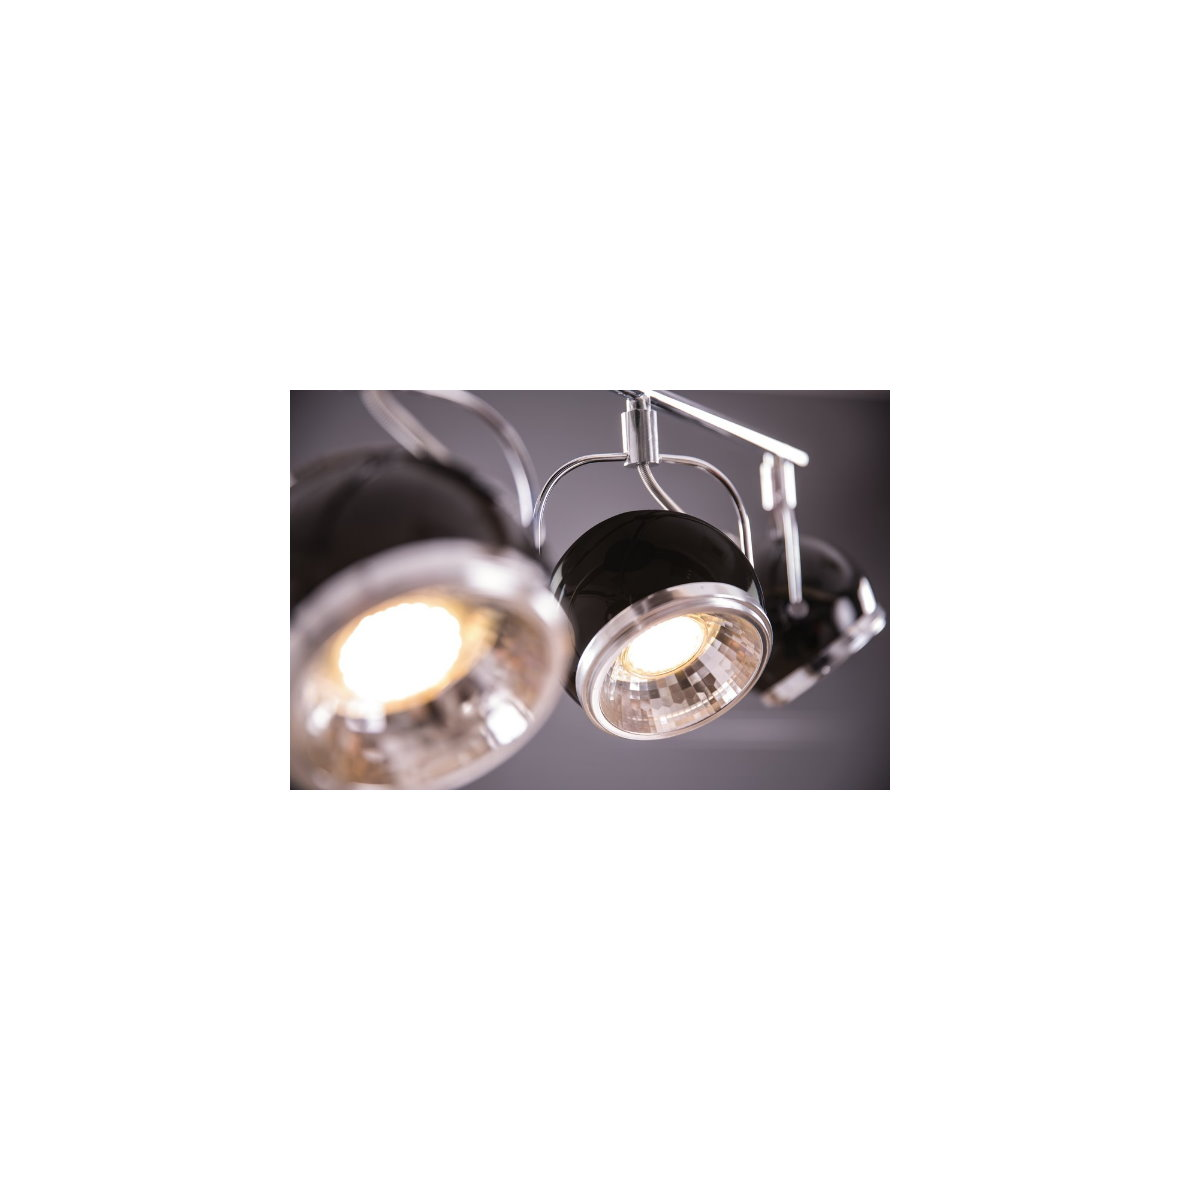 strahler gu10 spot leuchte lampe decke deckenleuchte tisch retro chrom rot wei ebay. Black Bedroom Furniture Sets. Home Design Ideas